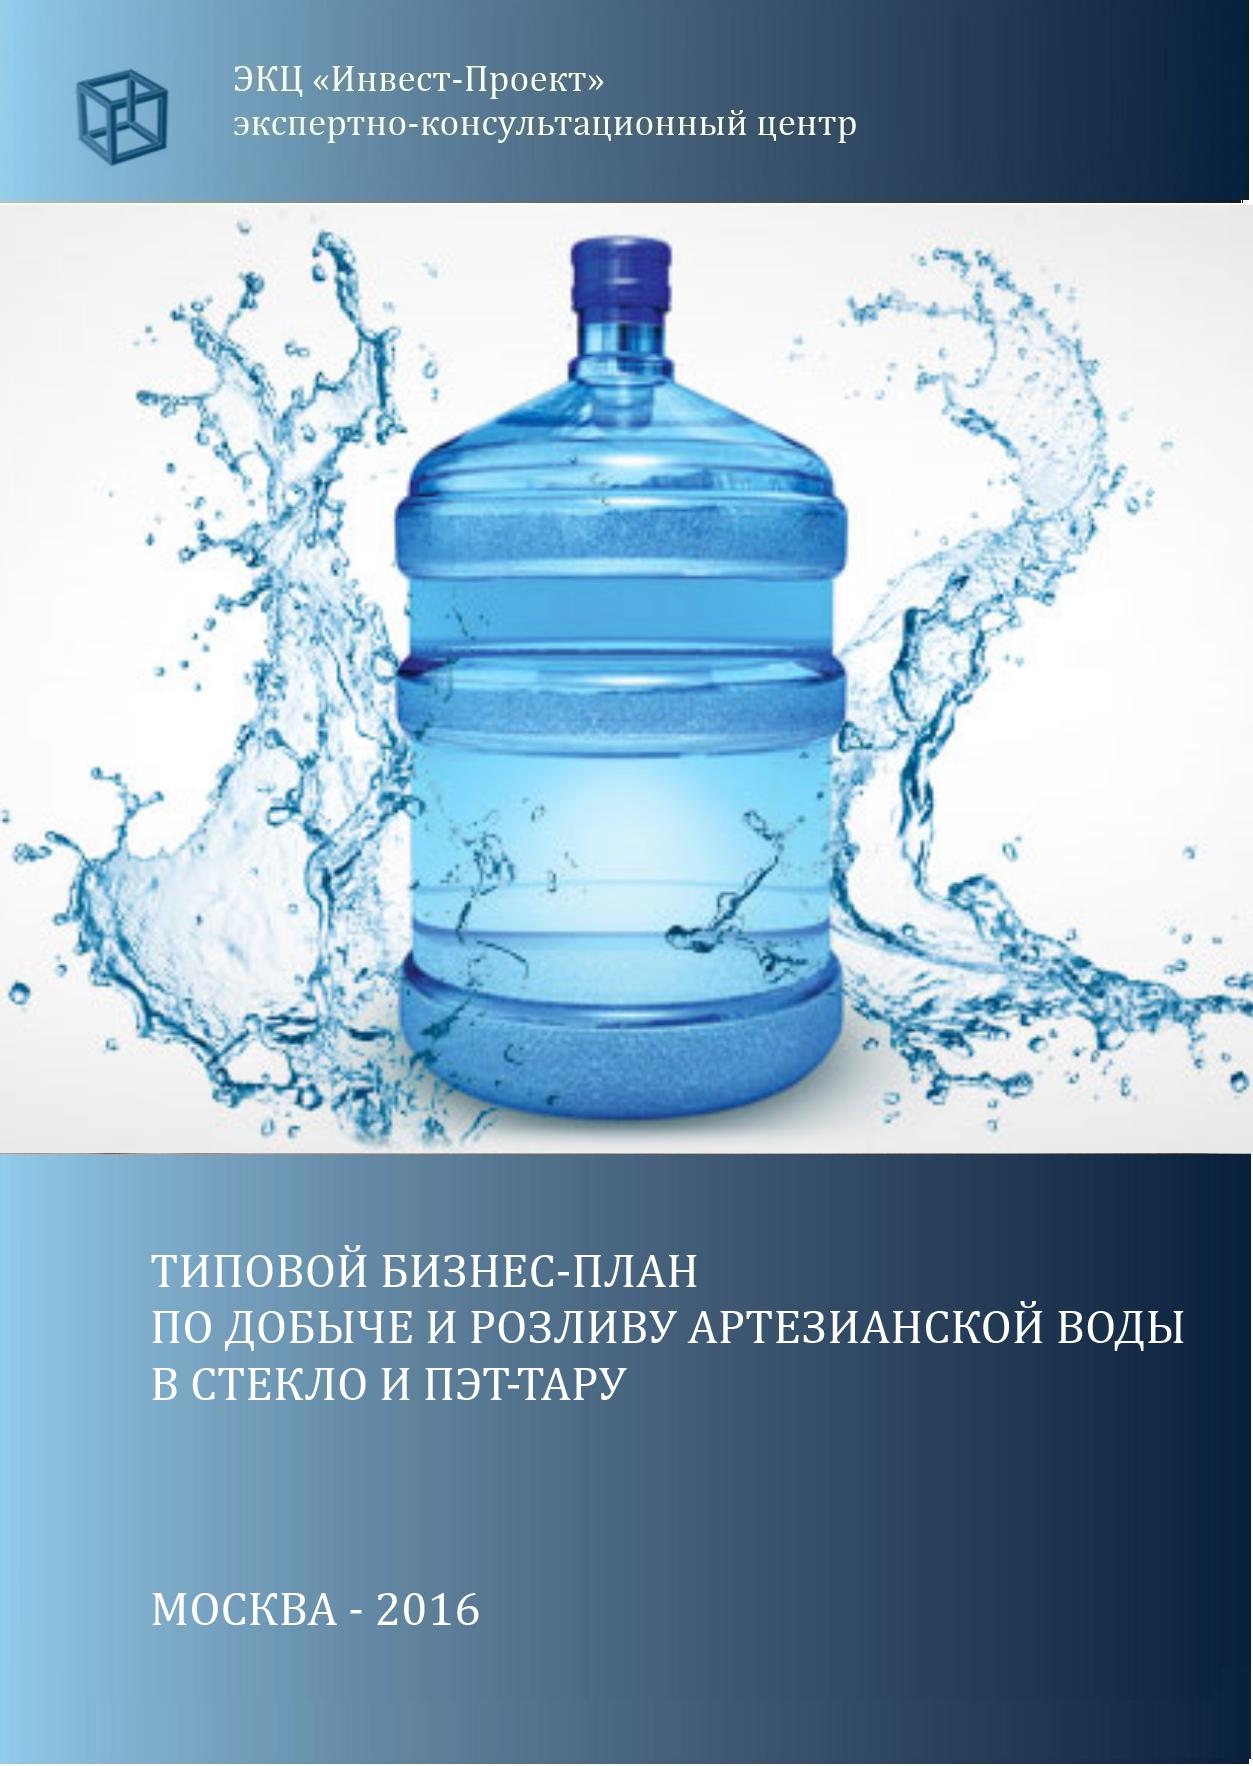 реальности, бизнес на артезианской воде меня тоже